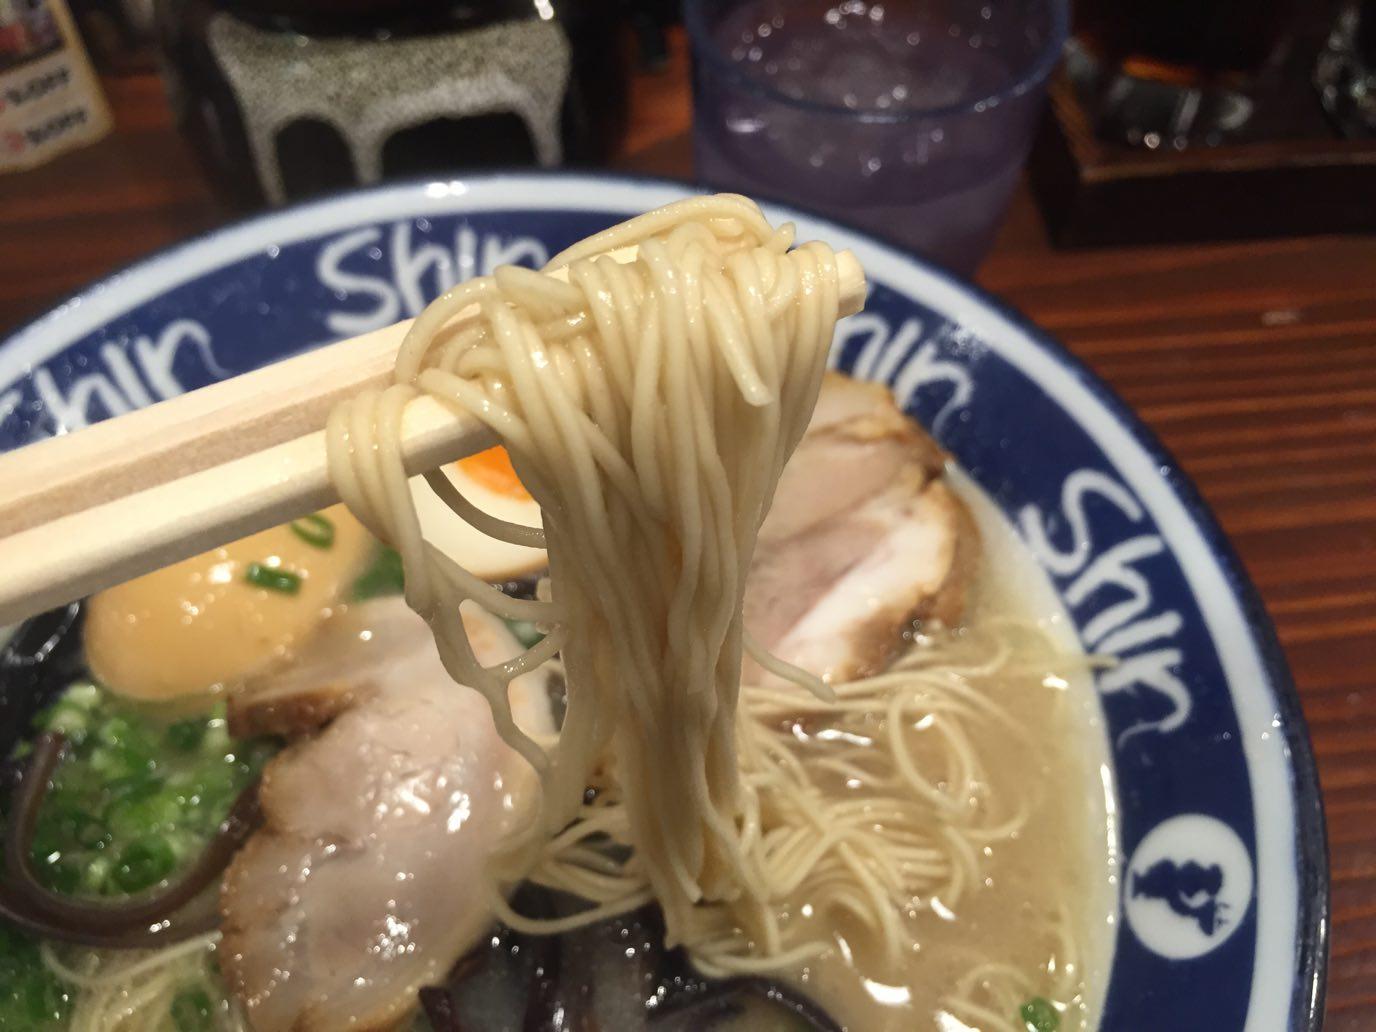 Shin-Shin 麺